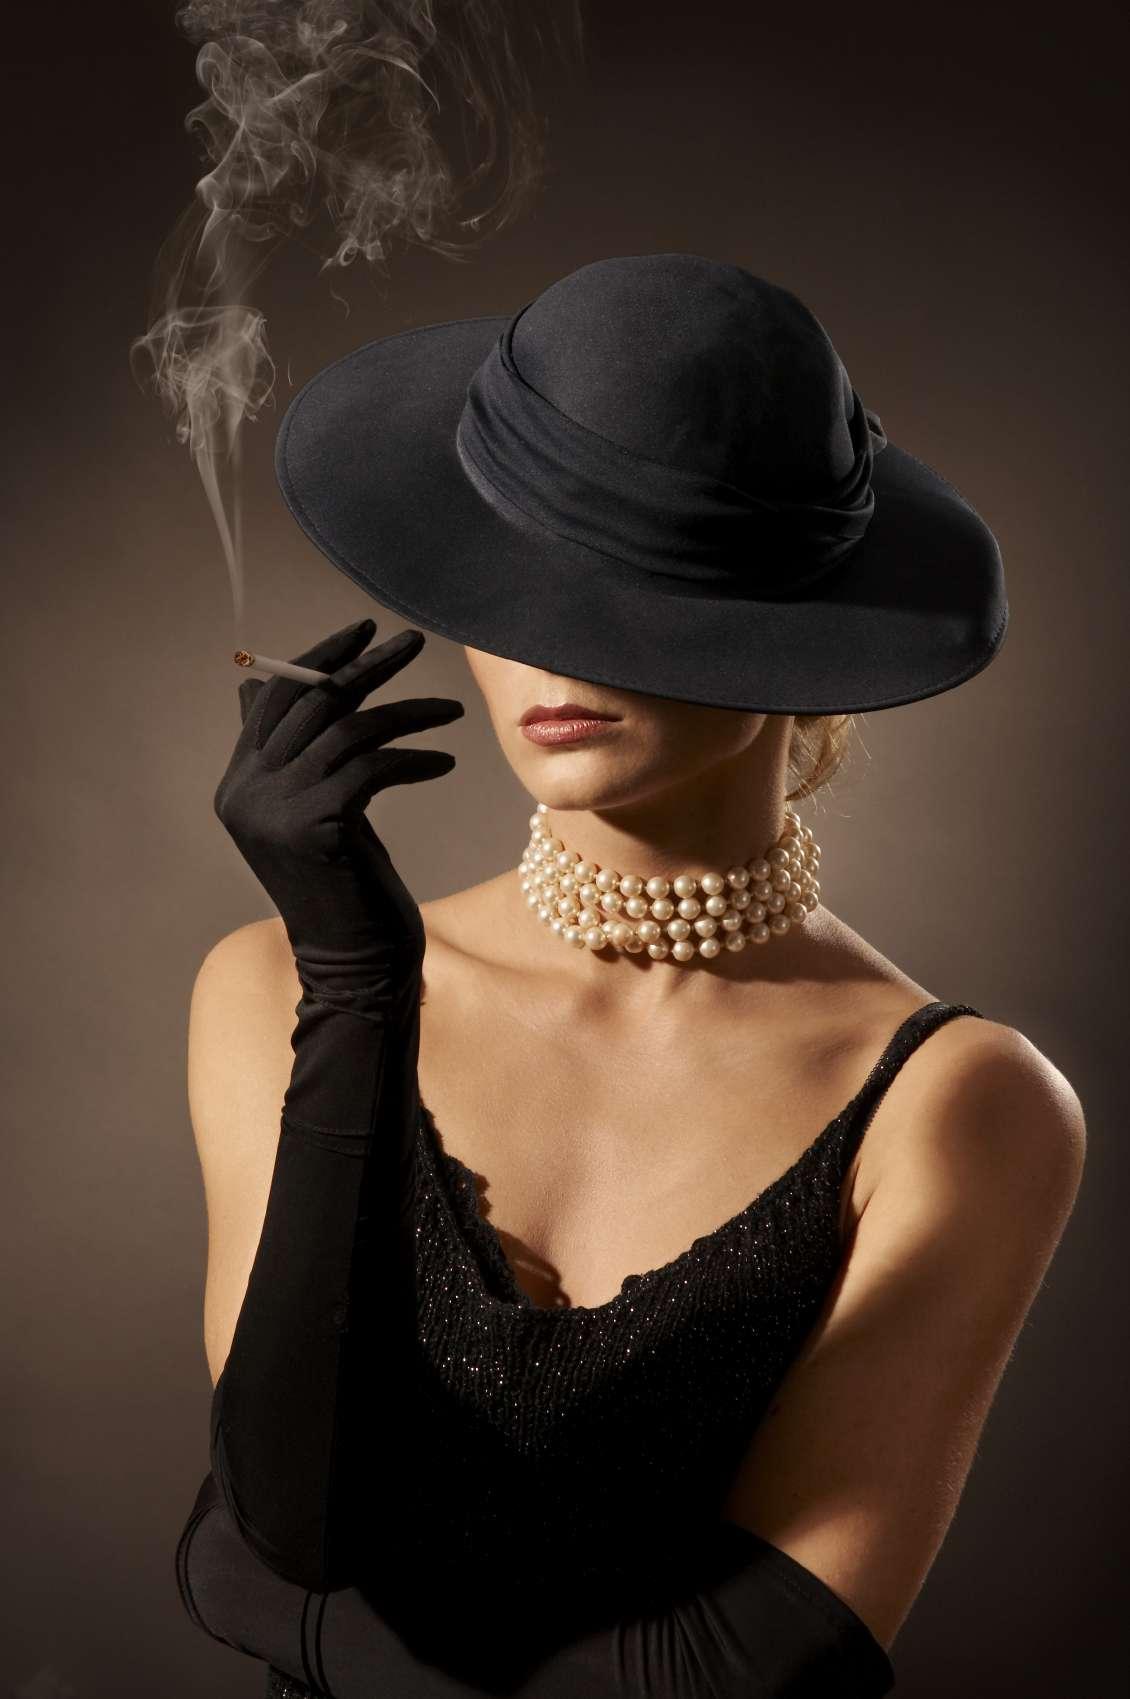 Las llamadas cougar son mujeres maduras que buscan relaciones con hombres mucho más jóvenes. Foto: iStock